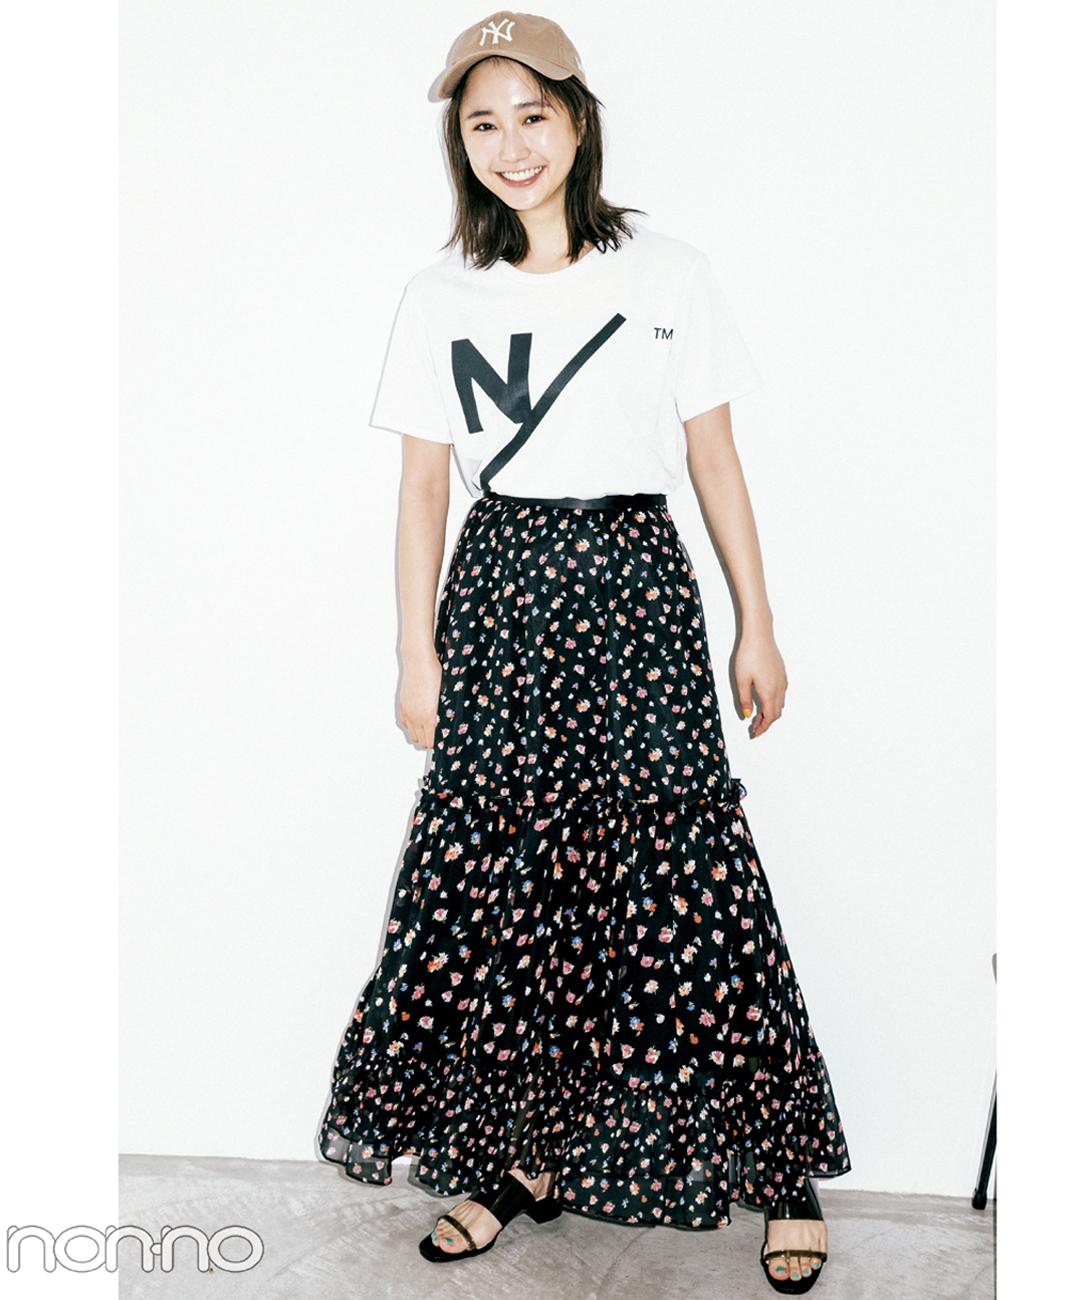 【夏のロングスカートコーデ】鈴木友菜は、花柄フレアで可憐なモノトーンコーデ